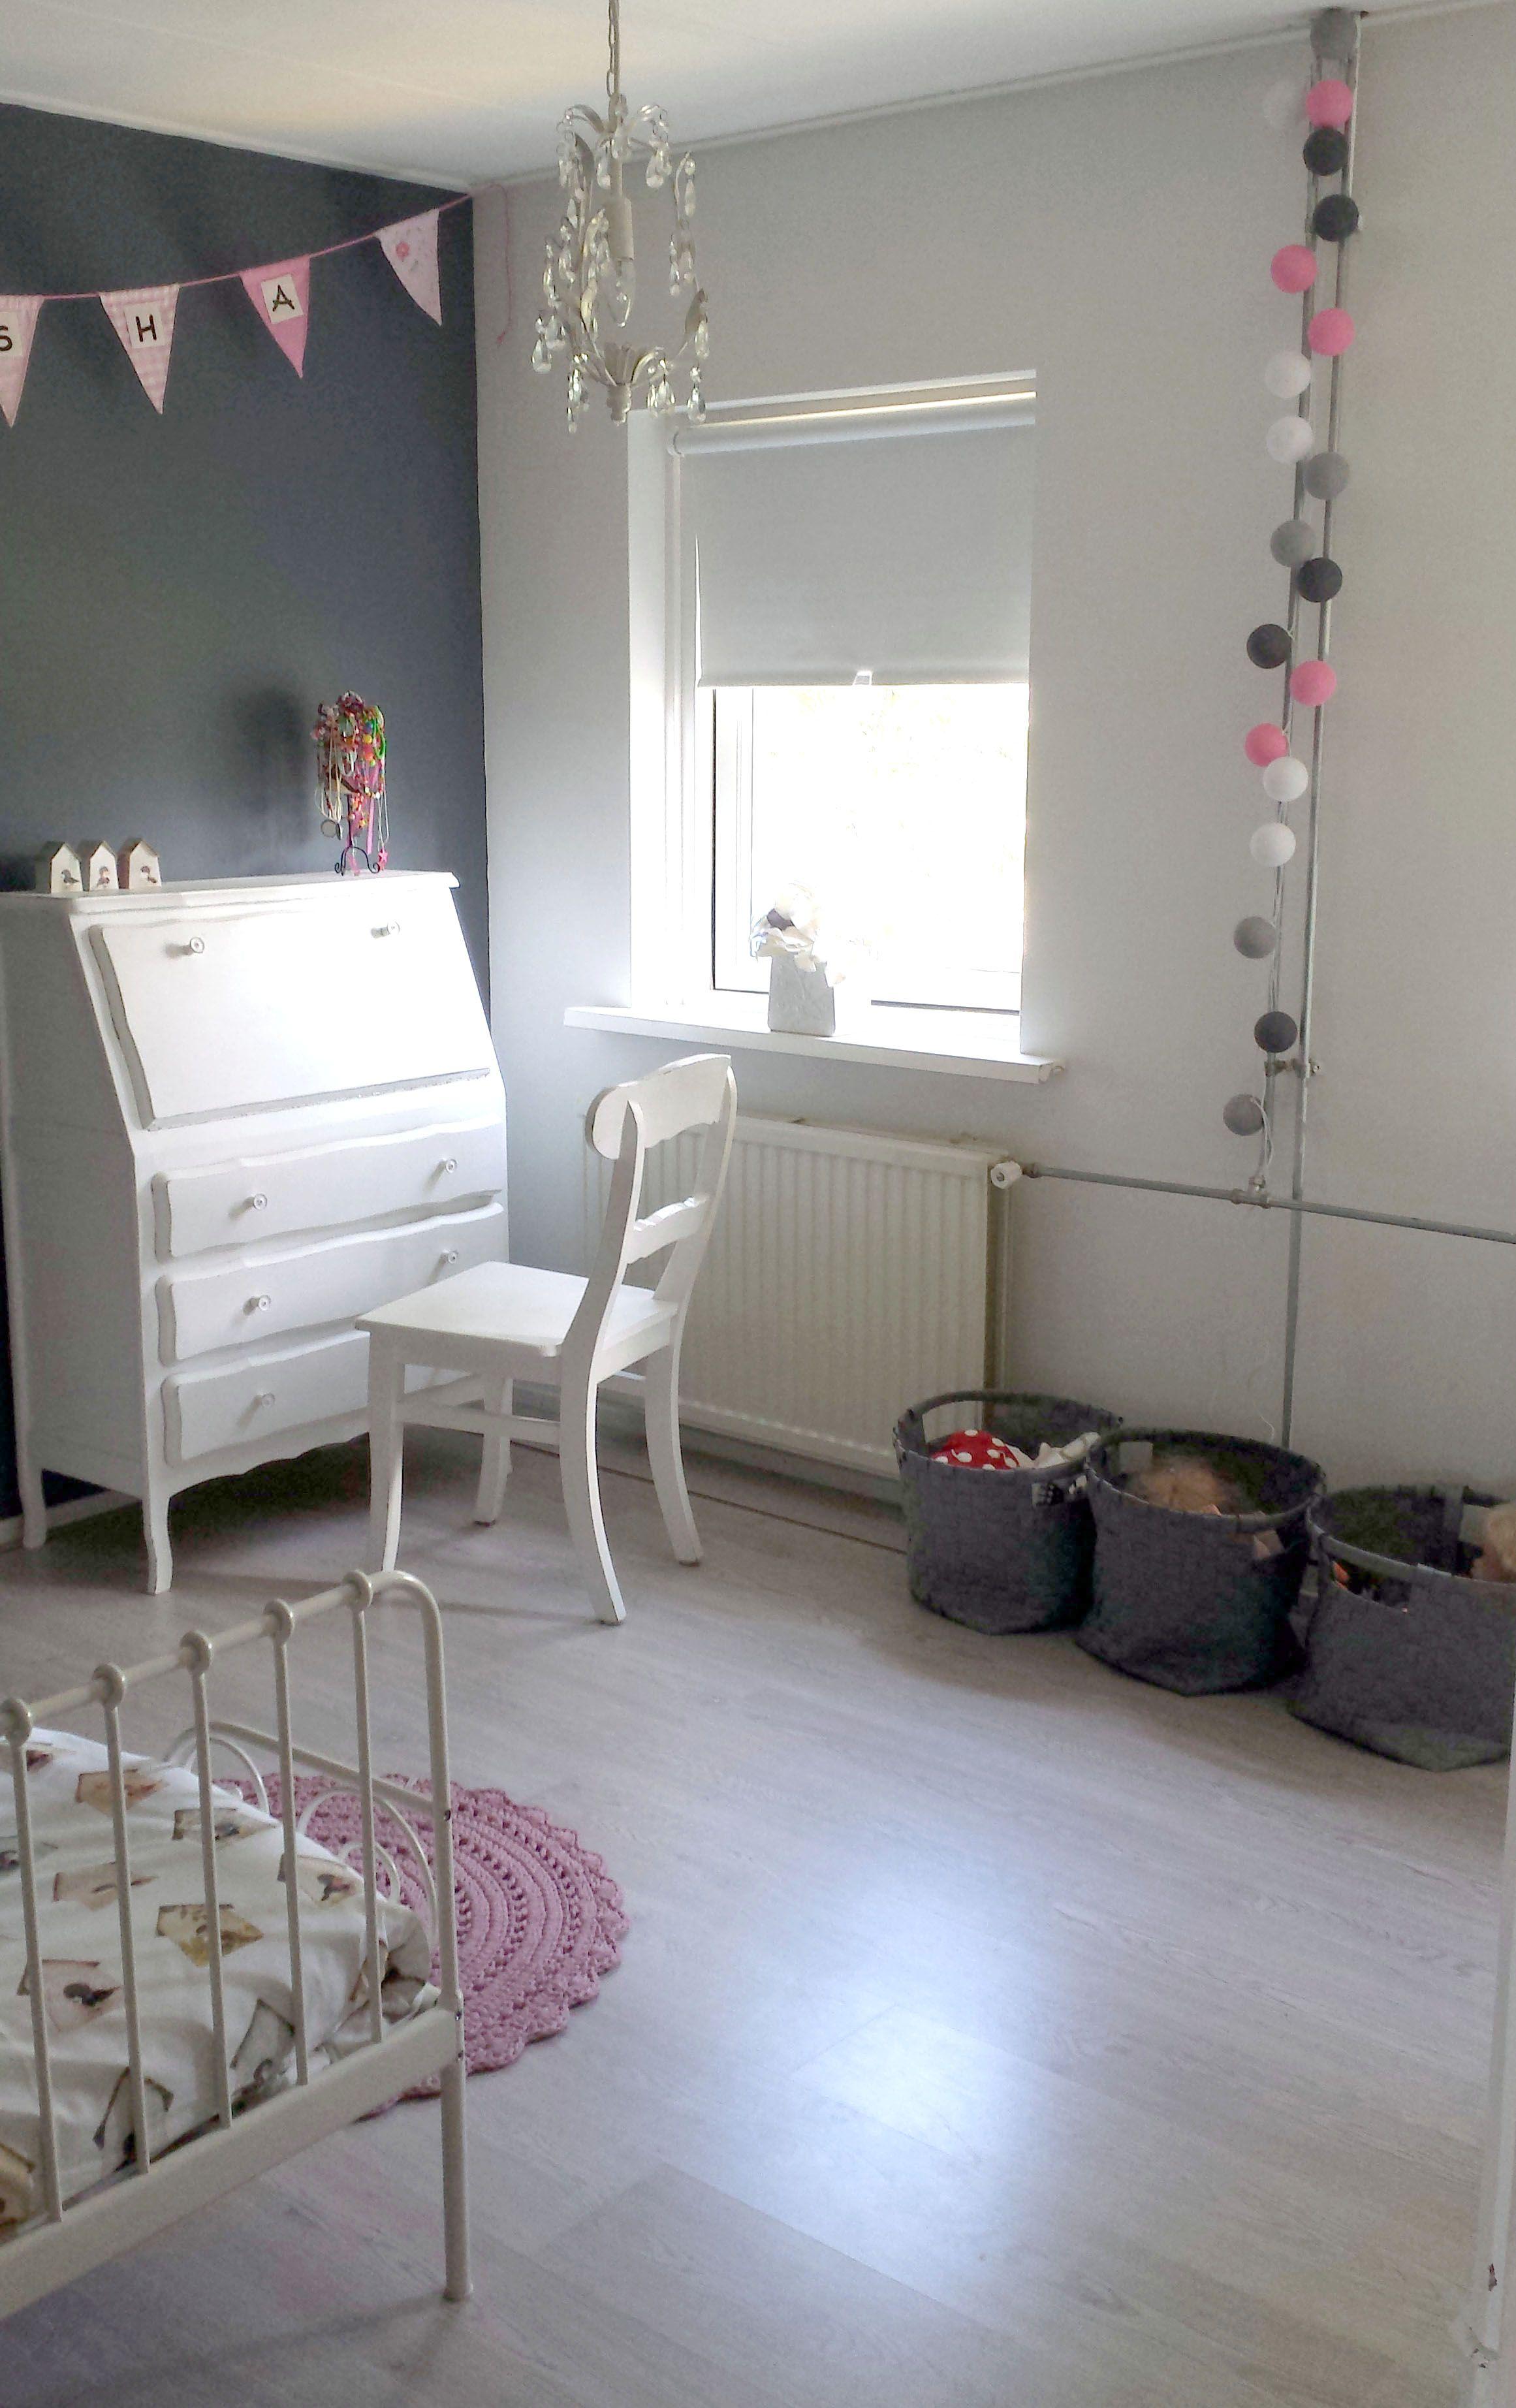 Meisjeskamer - Slaapkamer van mijn dochter! 4/5 # grijze wand ...